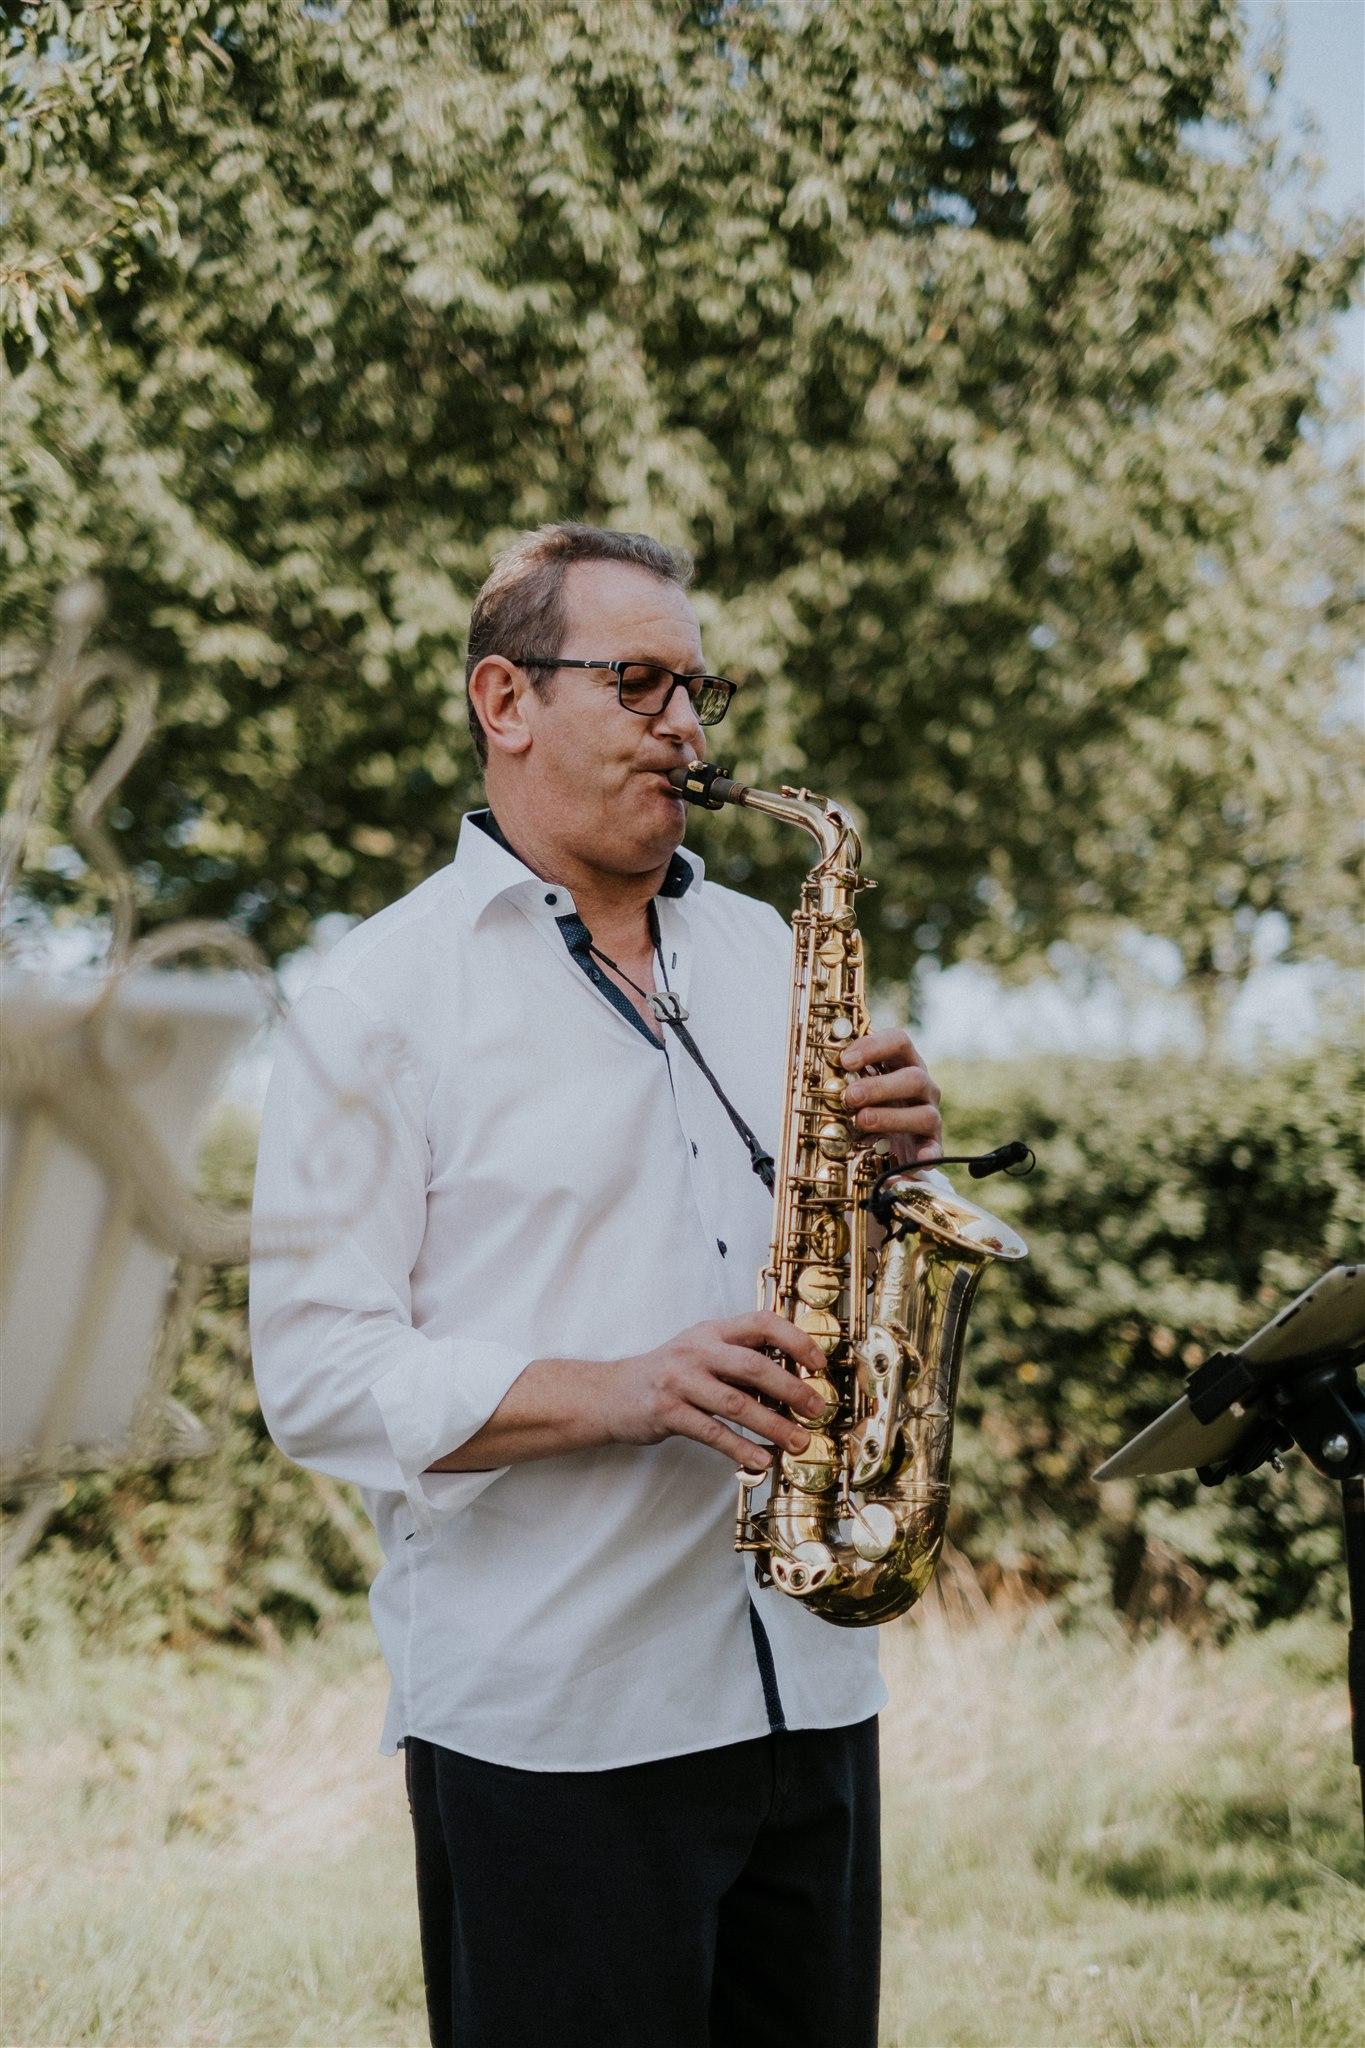 Der Einzug wird mit Saxophonmusik begleitet (Foto: Kevin Biberbach)